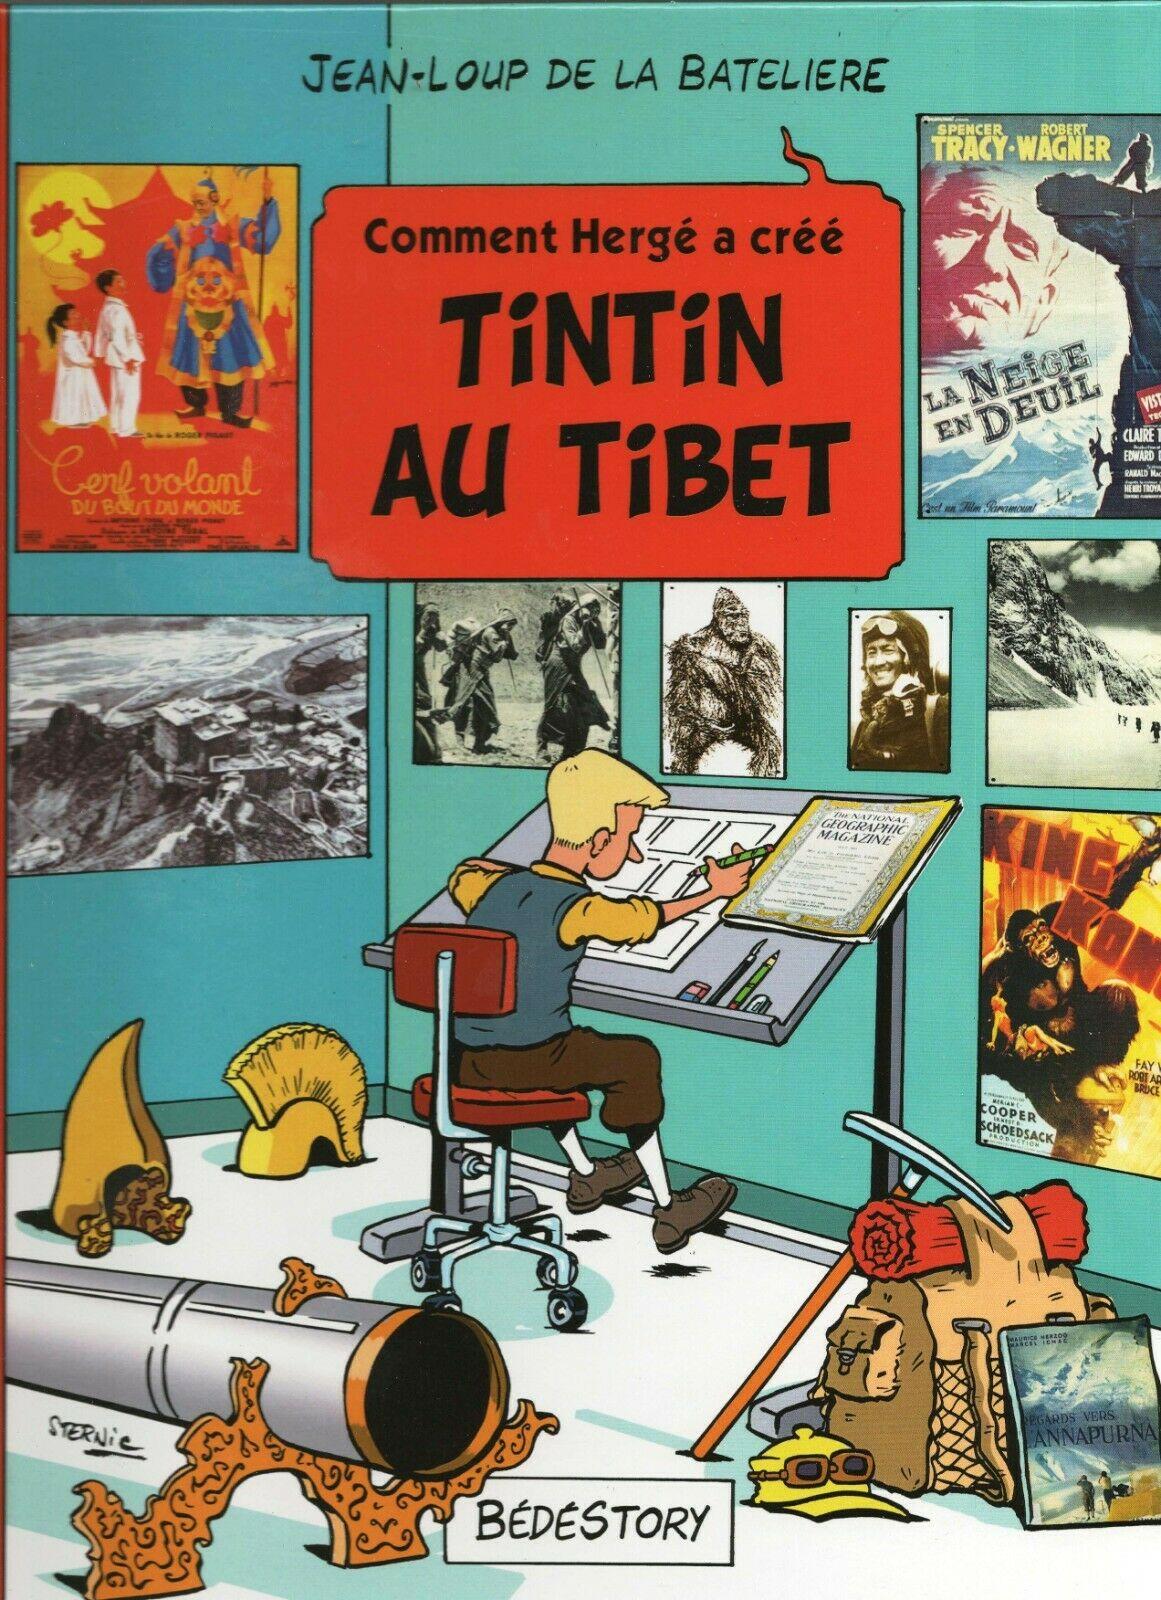 Comment Hergé a créé n°19. TINTIN AU TIBET. Bédestory 2017. Inédit. LIVRE NEUF